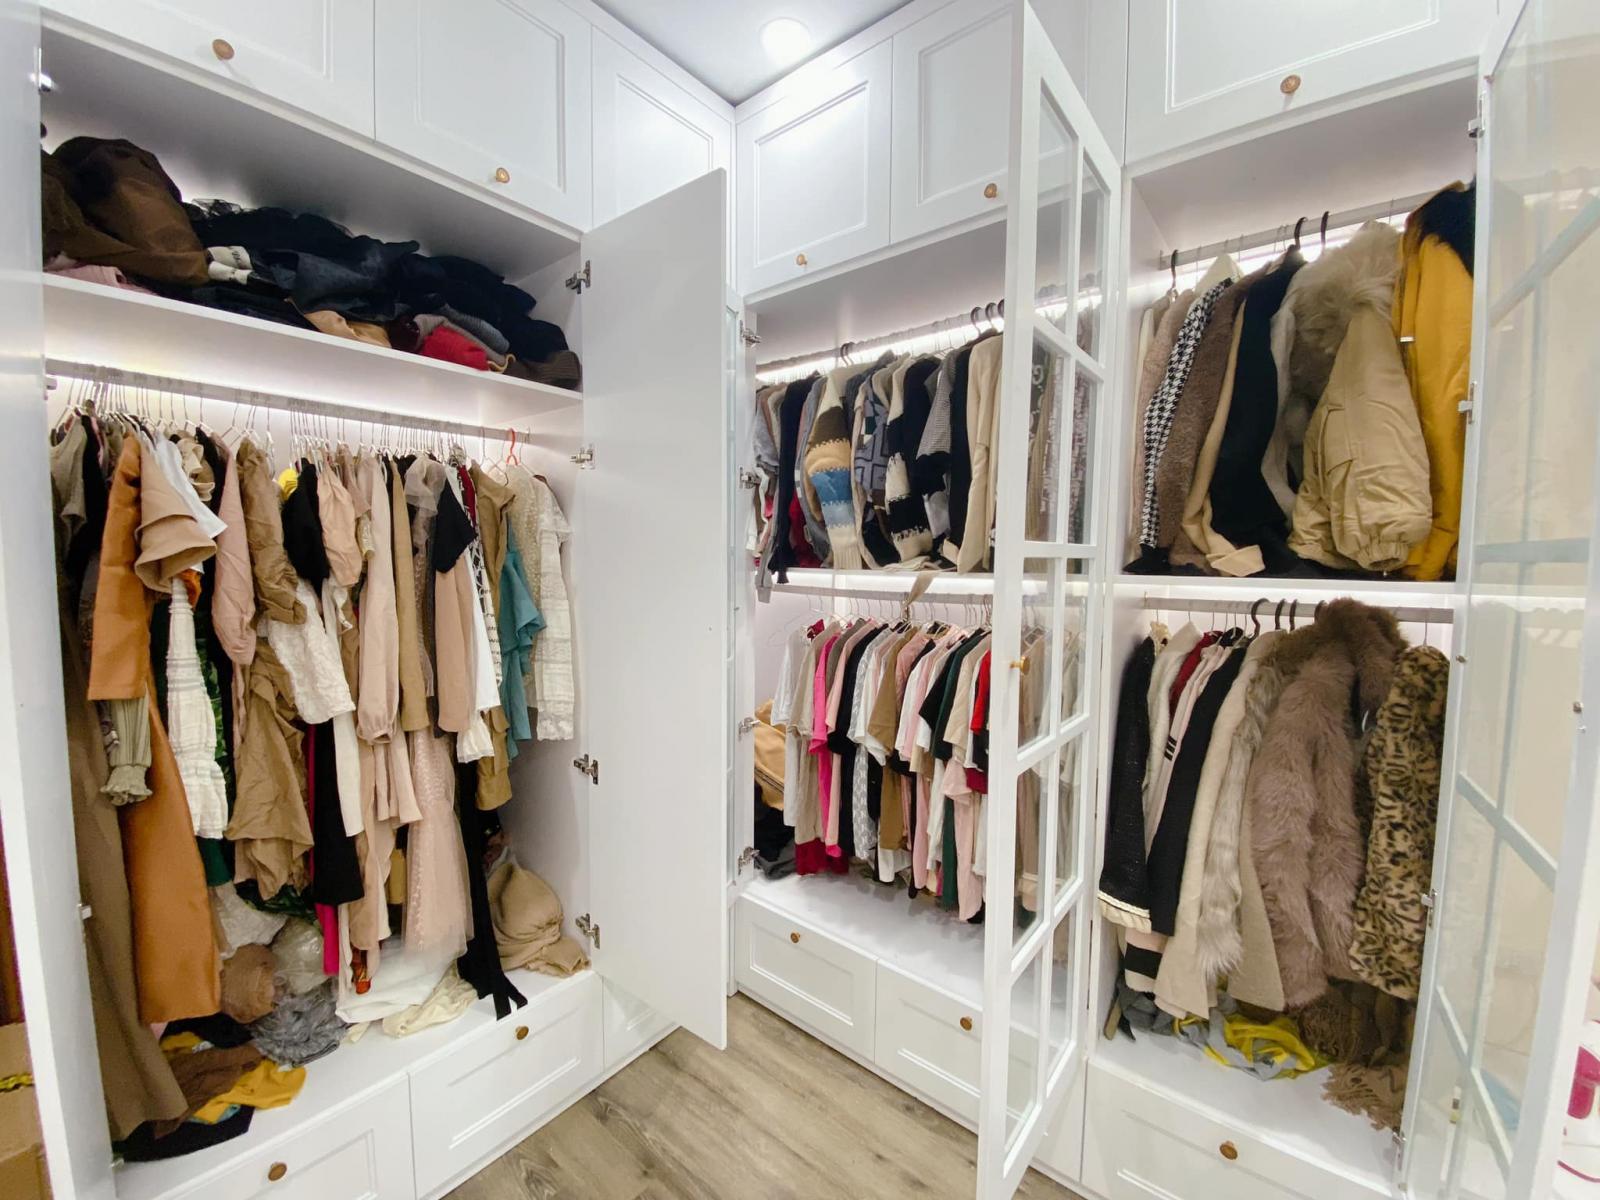 tủ quần áo với rất nhiều quần áo